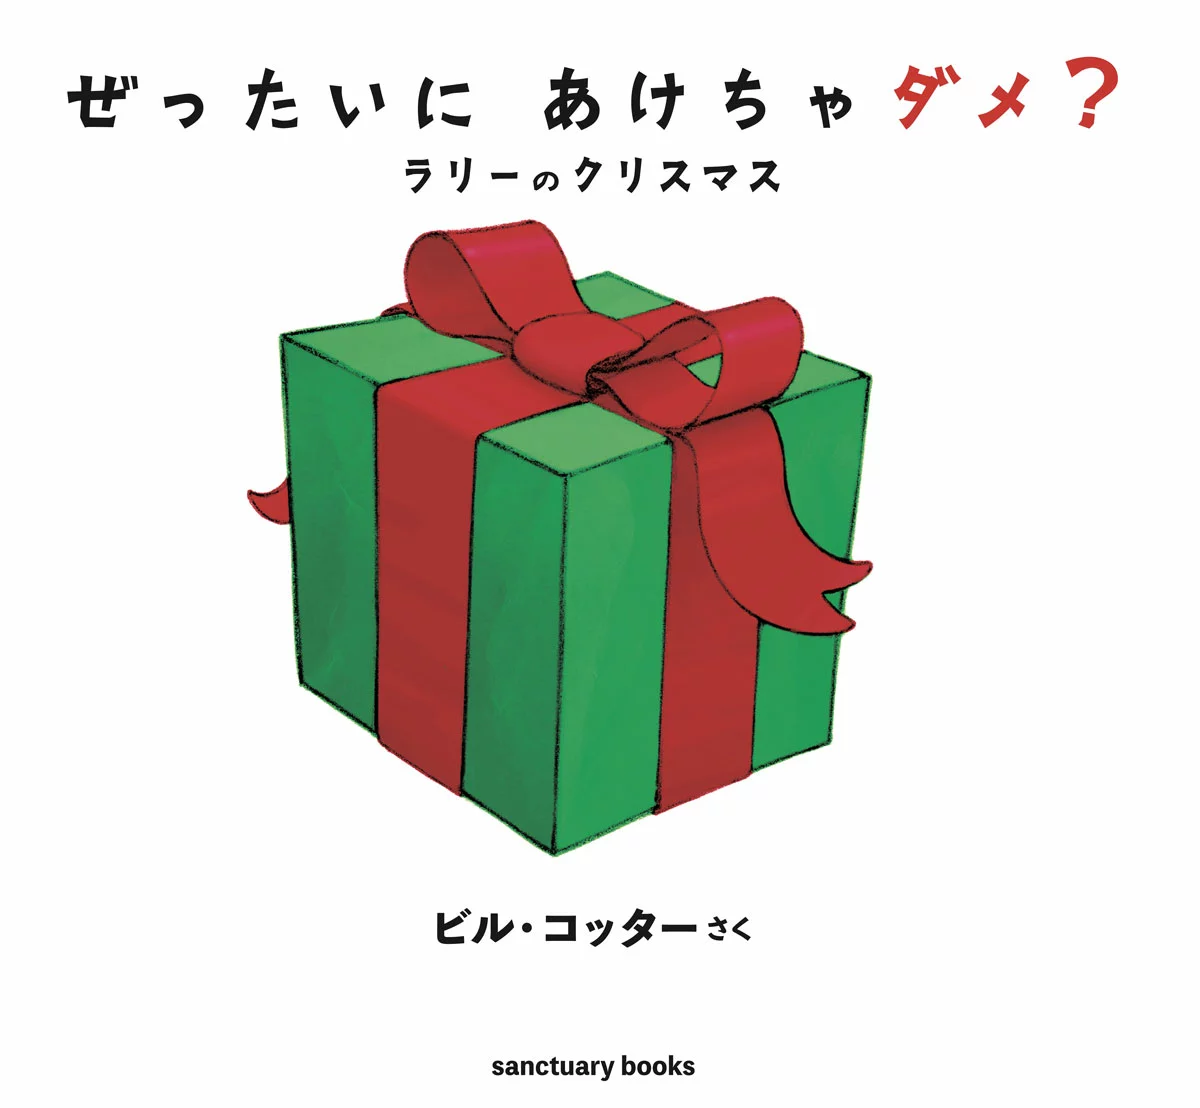 絵本「ぜったいに あけちゃダメ_ ラリーのクリスマス」の表紙